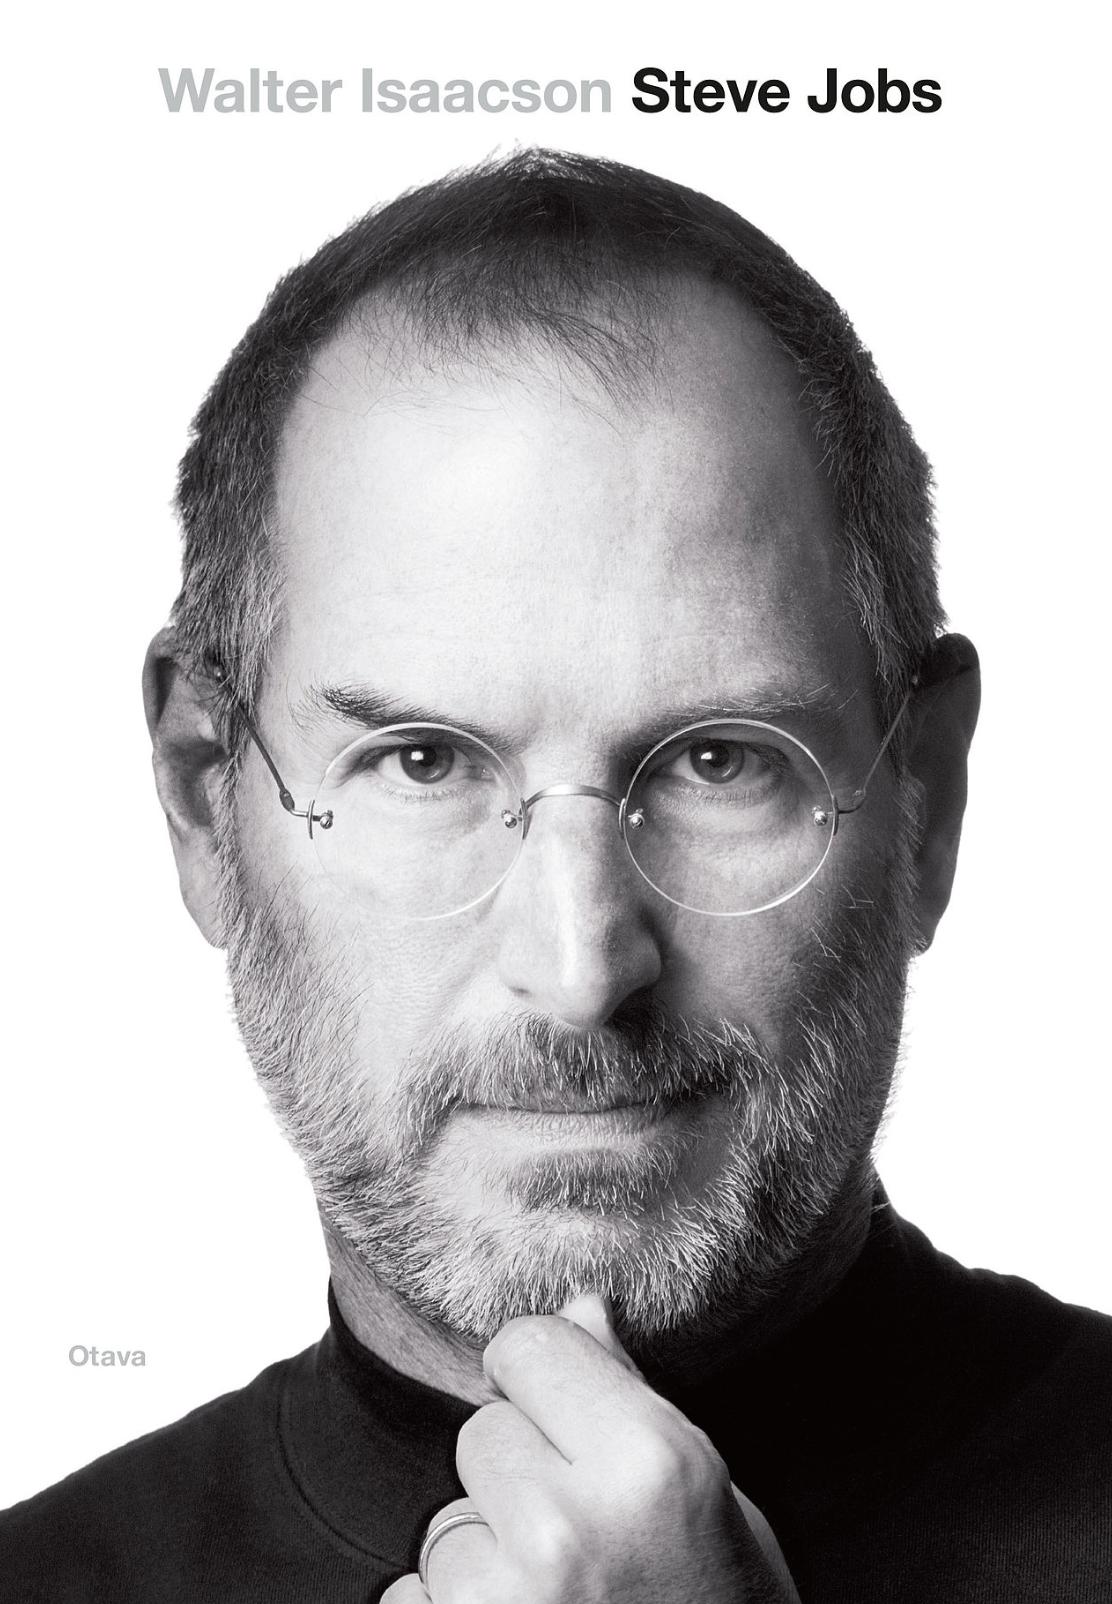 Steve Jobs, kirjoittanut Walter Isaacson - kirjan kansikuva